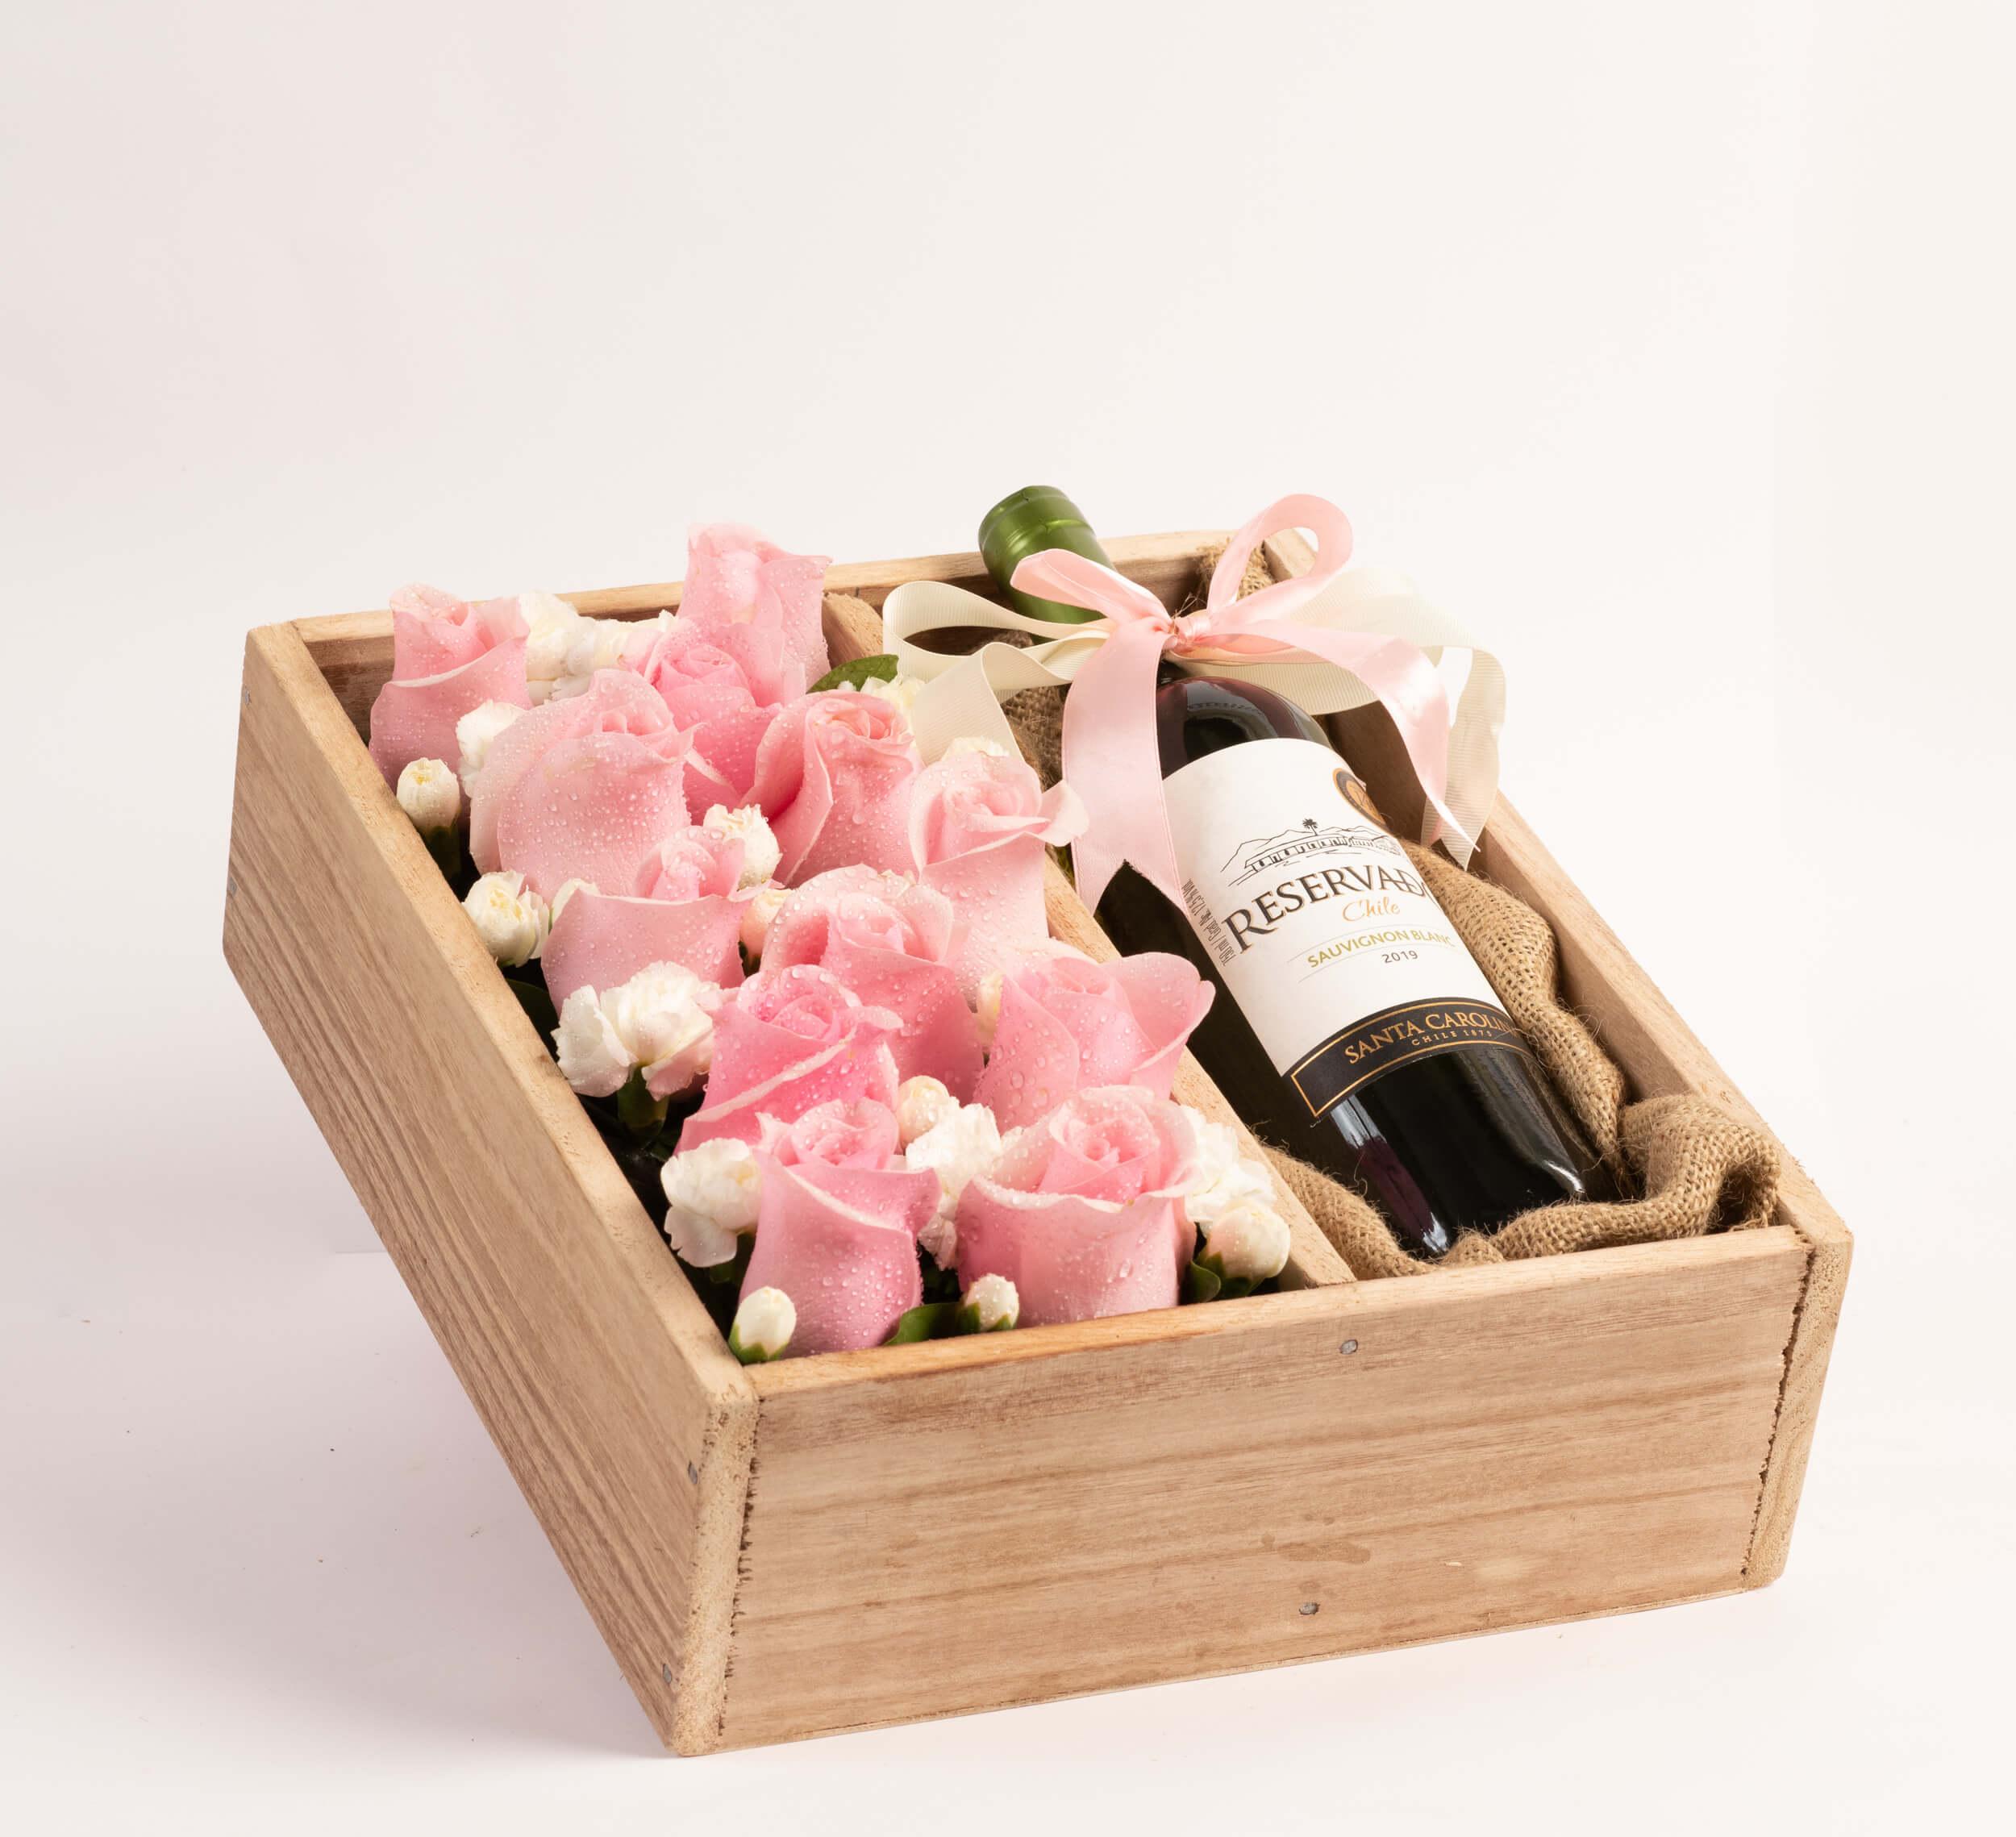 Arreglo en caja de madera con rosas y vino